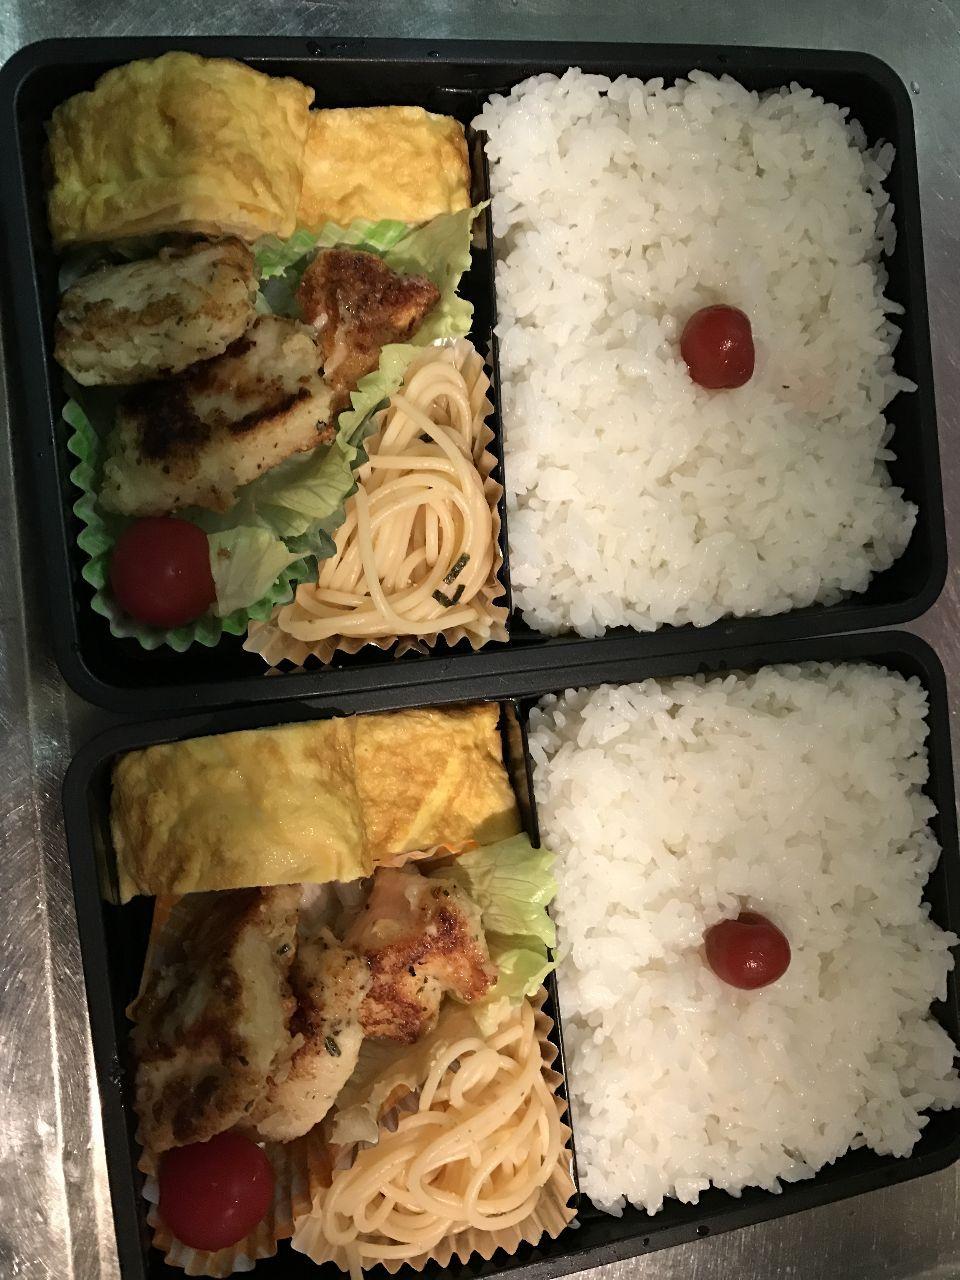 今日の晩御飯 今日のお弁当(*⁰▿⁰*)  野菜が無かった(・Д・)